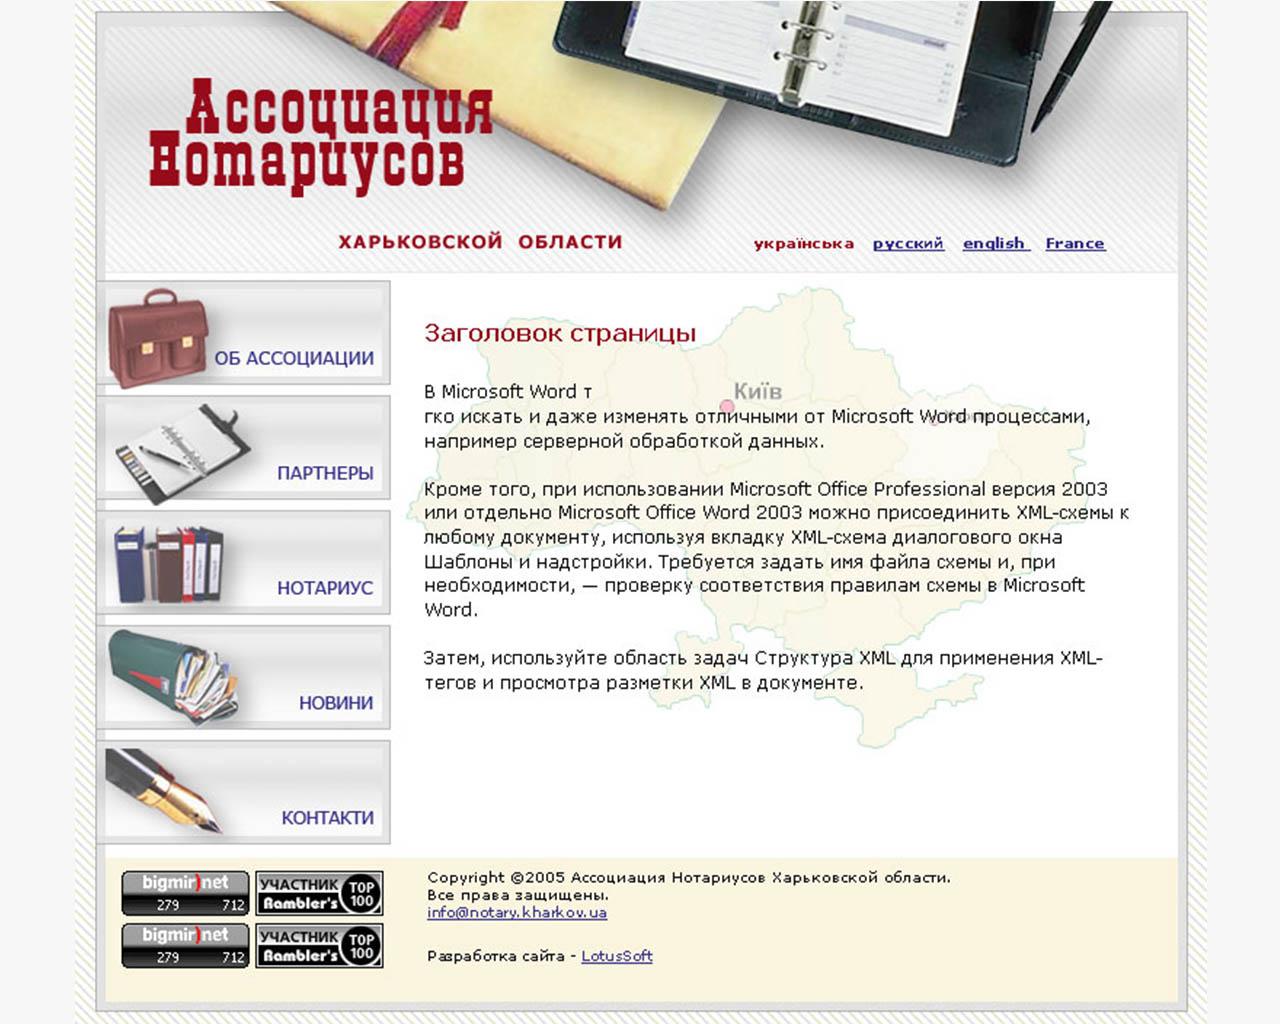 Ассоциация нотариусов Харьковской области